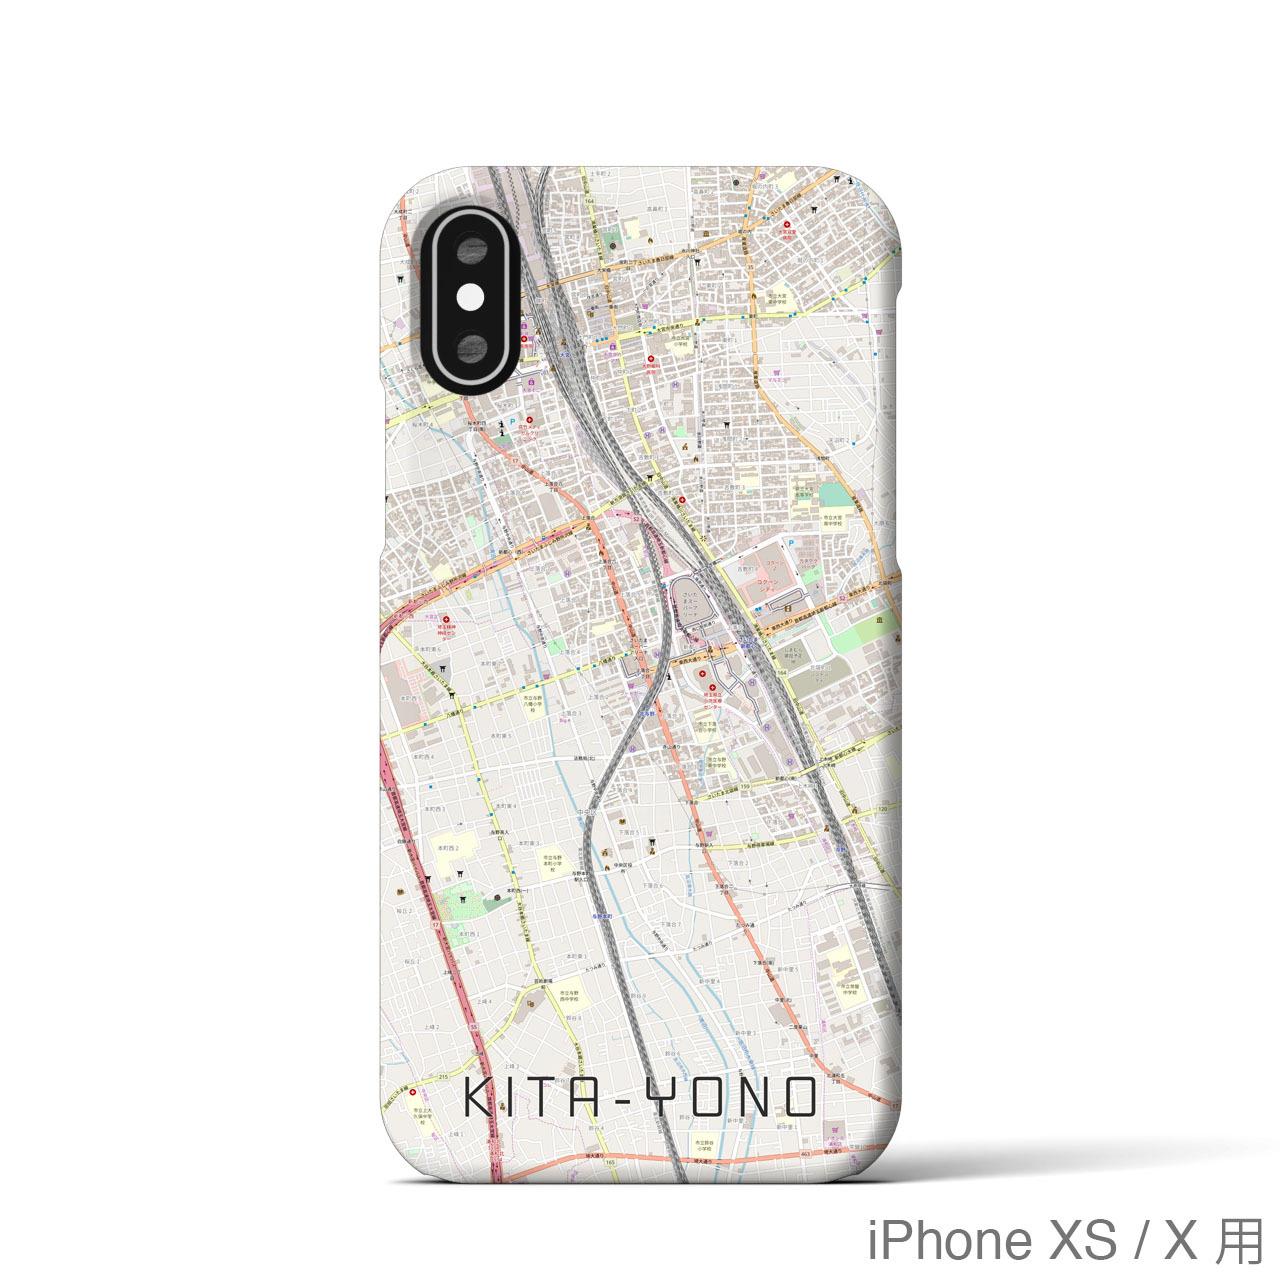 【北与野】地図柄iPhoneケース(バックカバータイプ・ナチュラル)